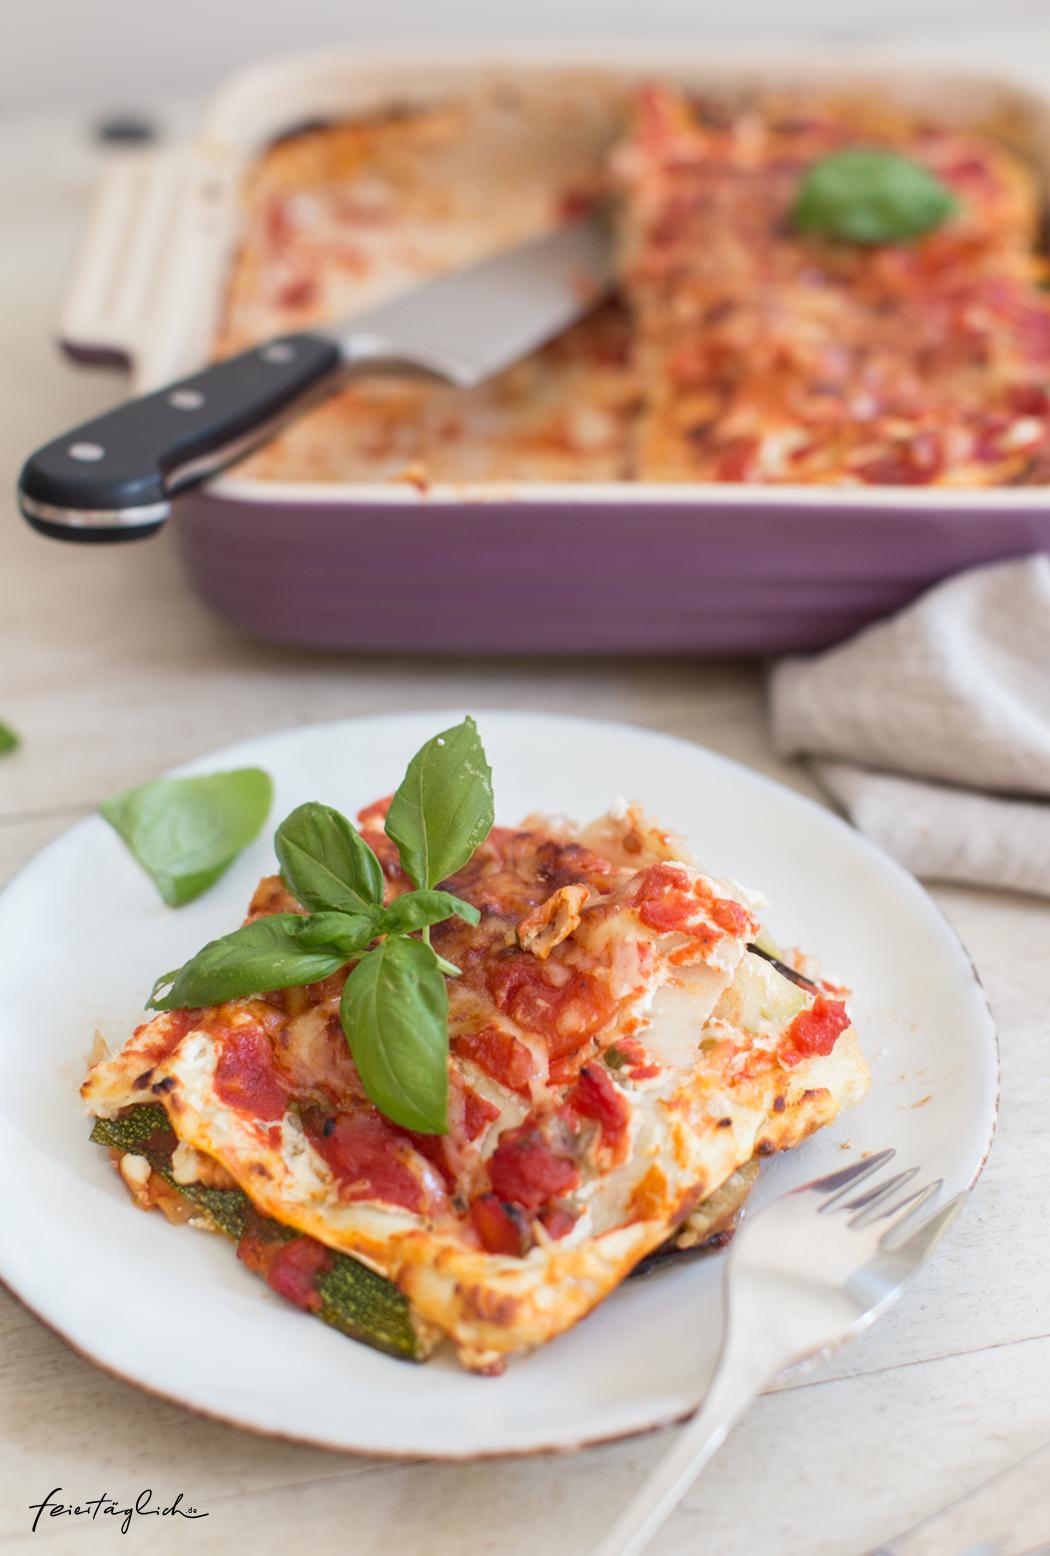 Die beste vegetarische Sommer-Lasagne mit Auberginen, Zucchini, Ricotta und Basilikum, ein ganz unkompliziertes Rezept